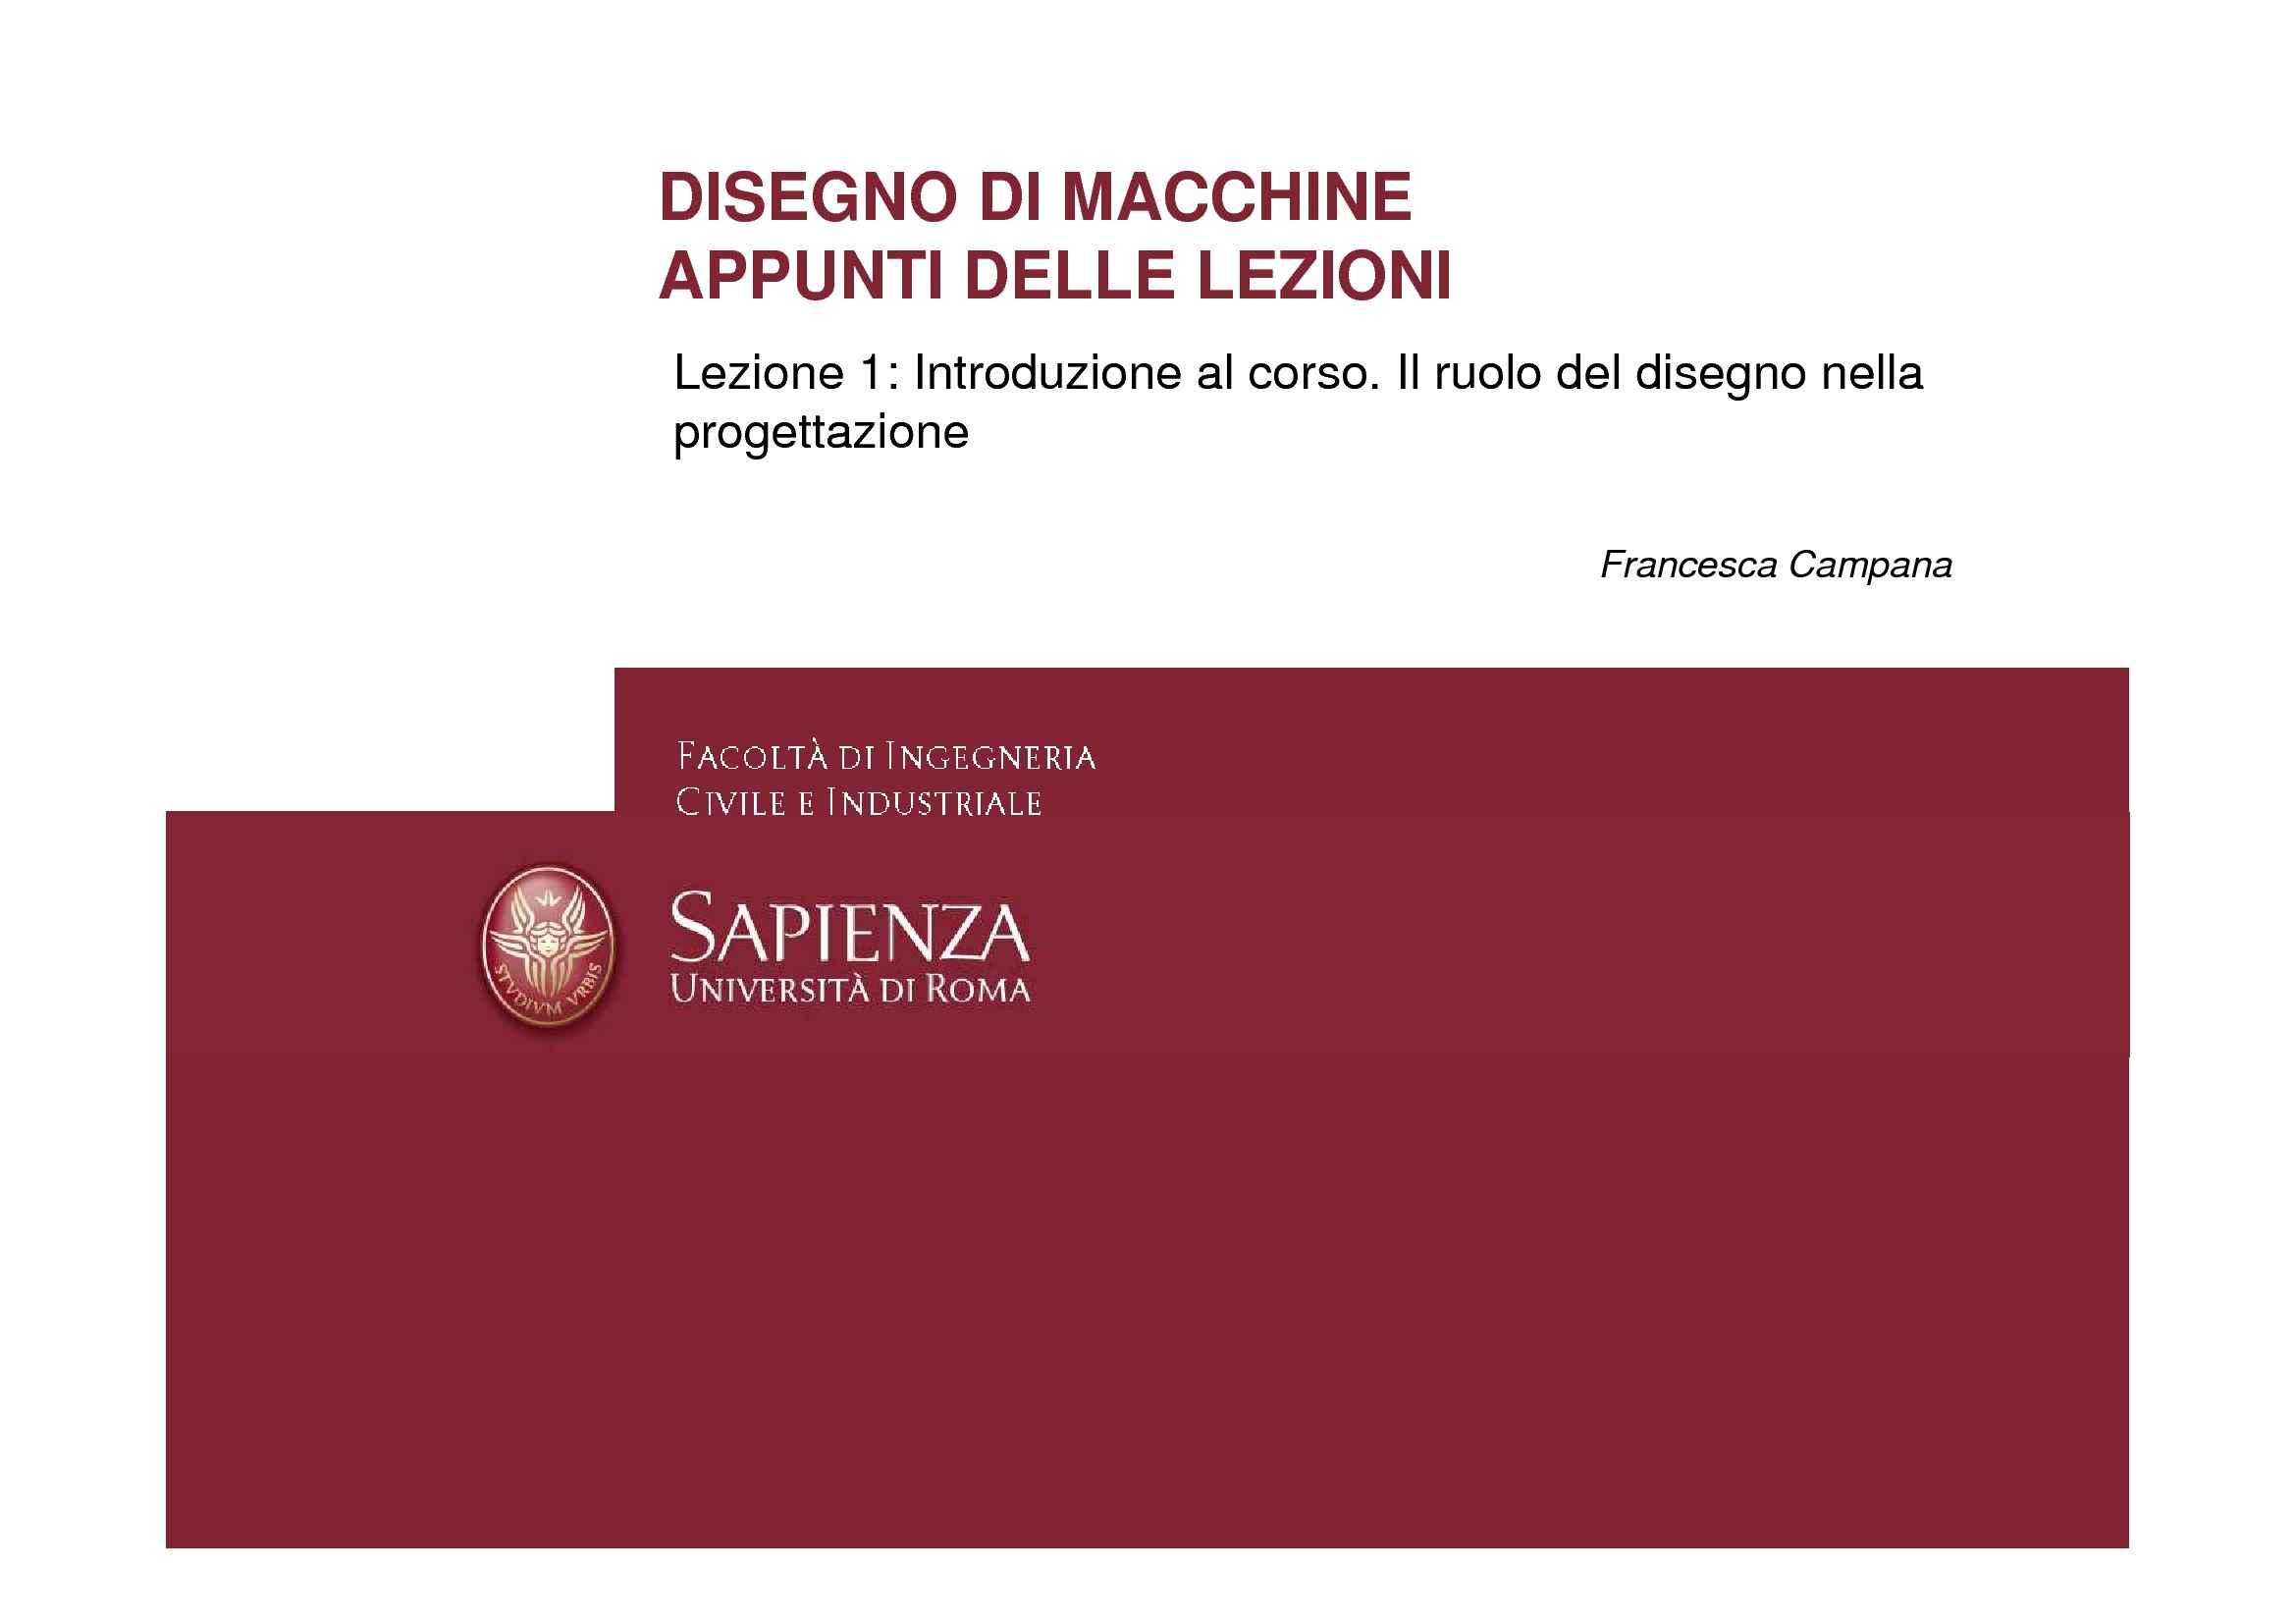 Disegno di macchine - Introduzione